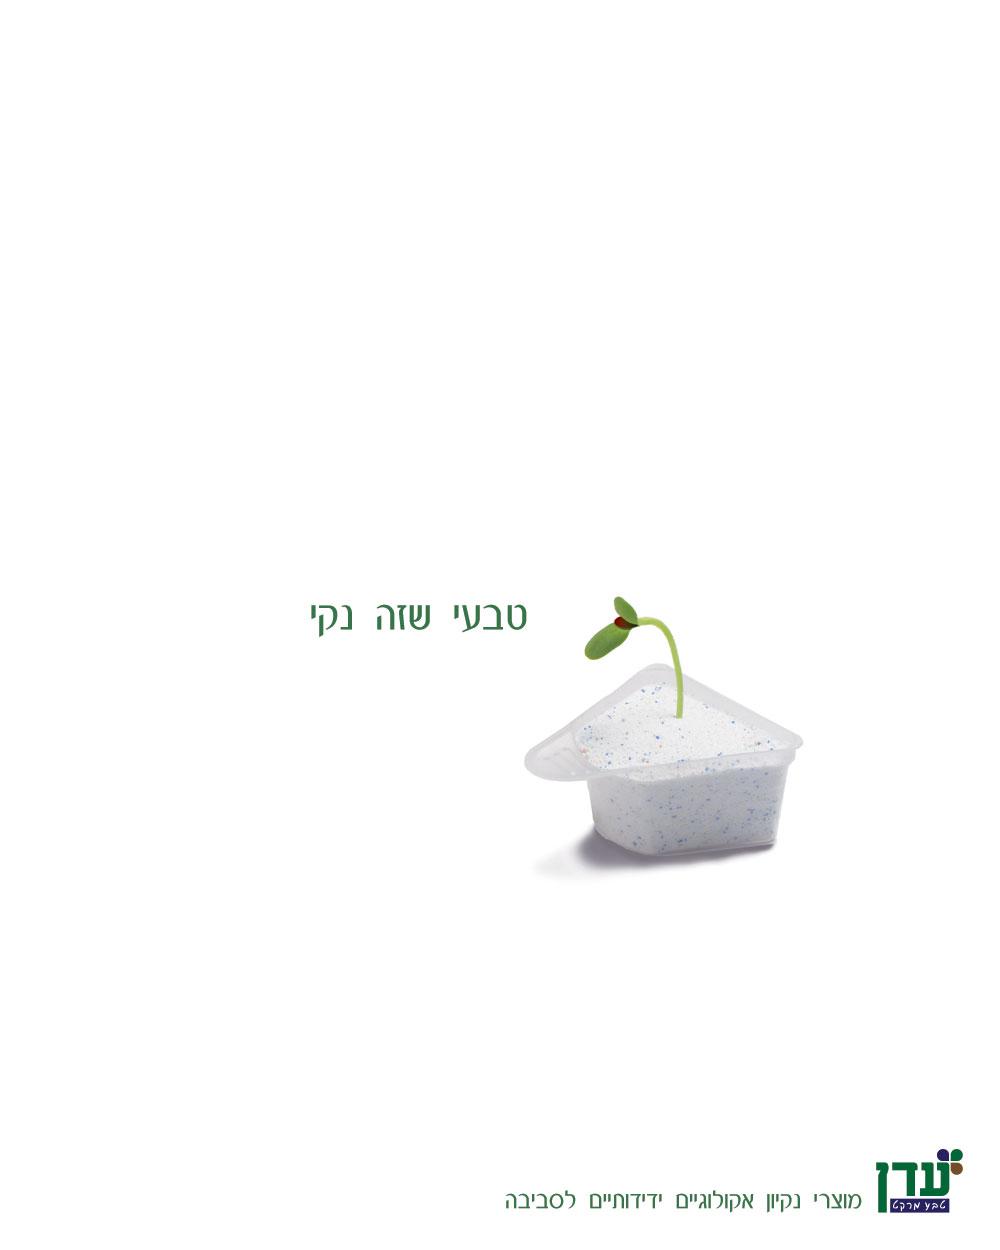 Eden Teva Market Campaign - Laundry detergent